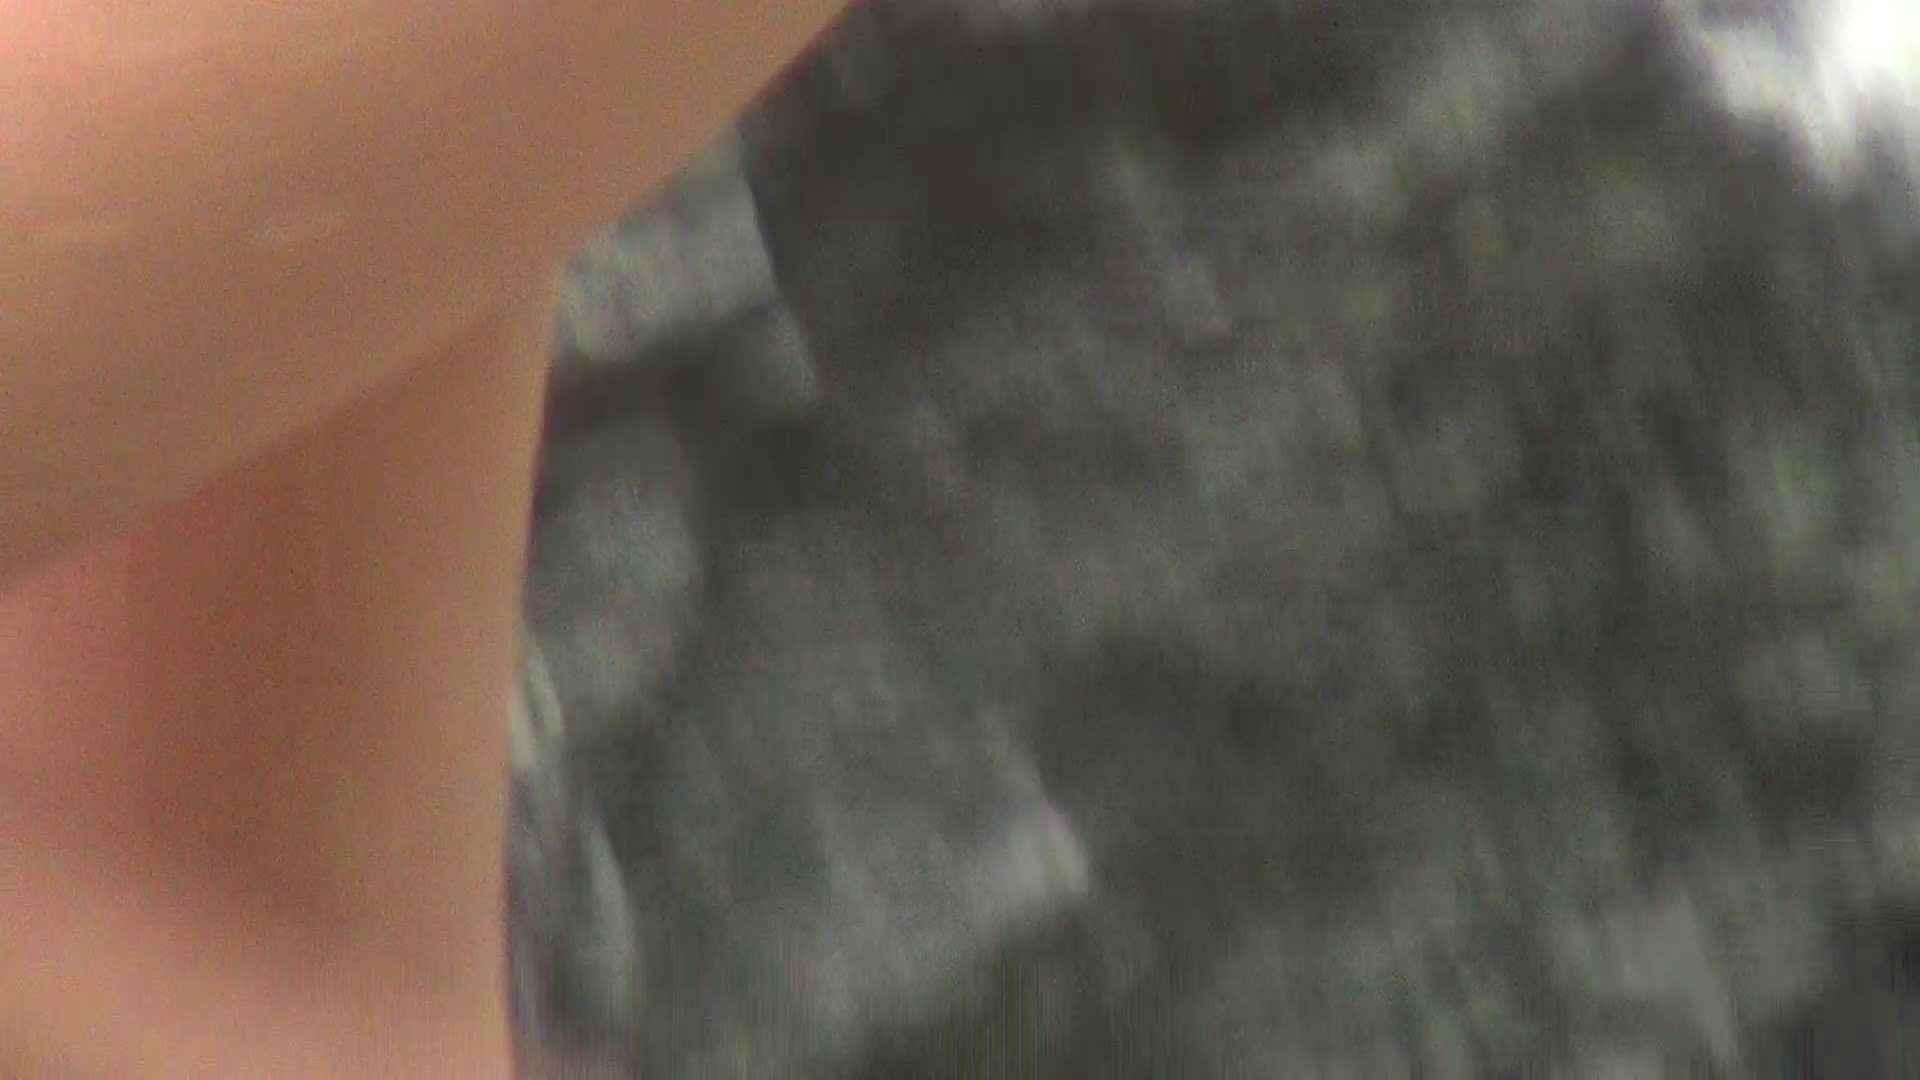 Vol.80 出産経験済みの弛んだ肉体と大胆すぎるアングル OLのボディ 隠し撮りオマンコ動画紹介 54PIX 29